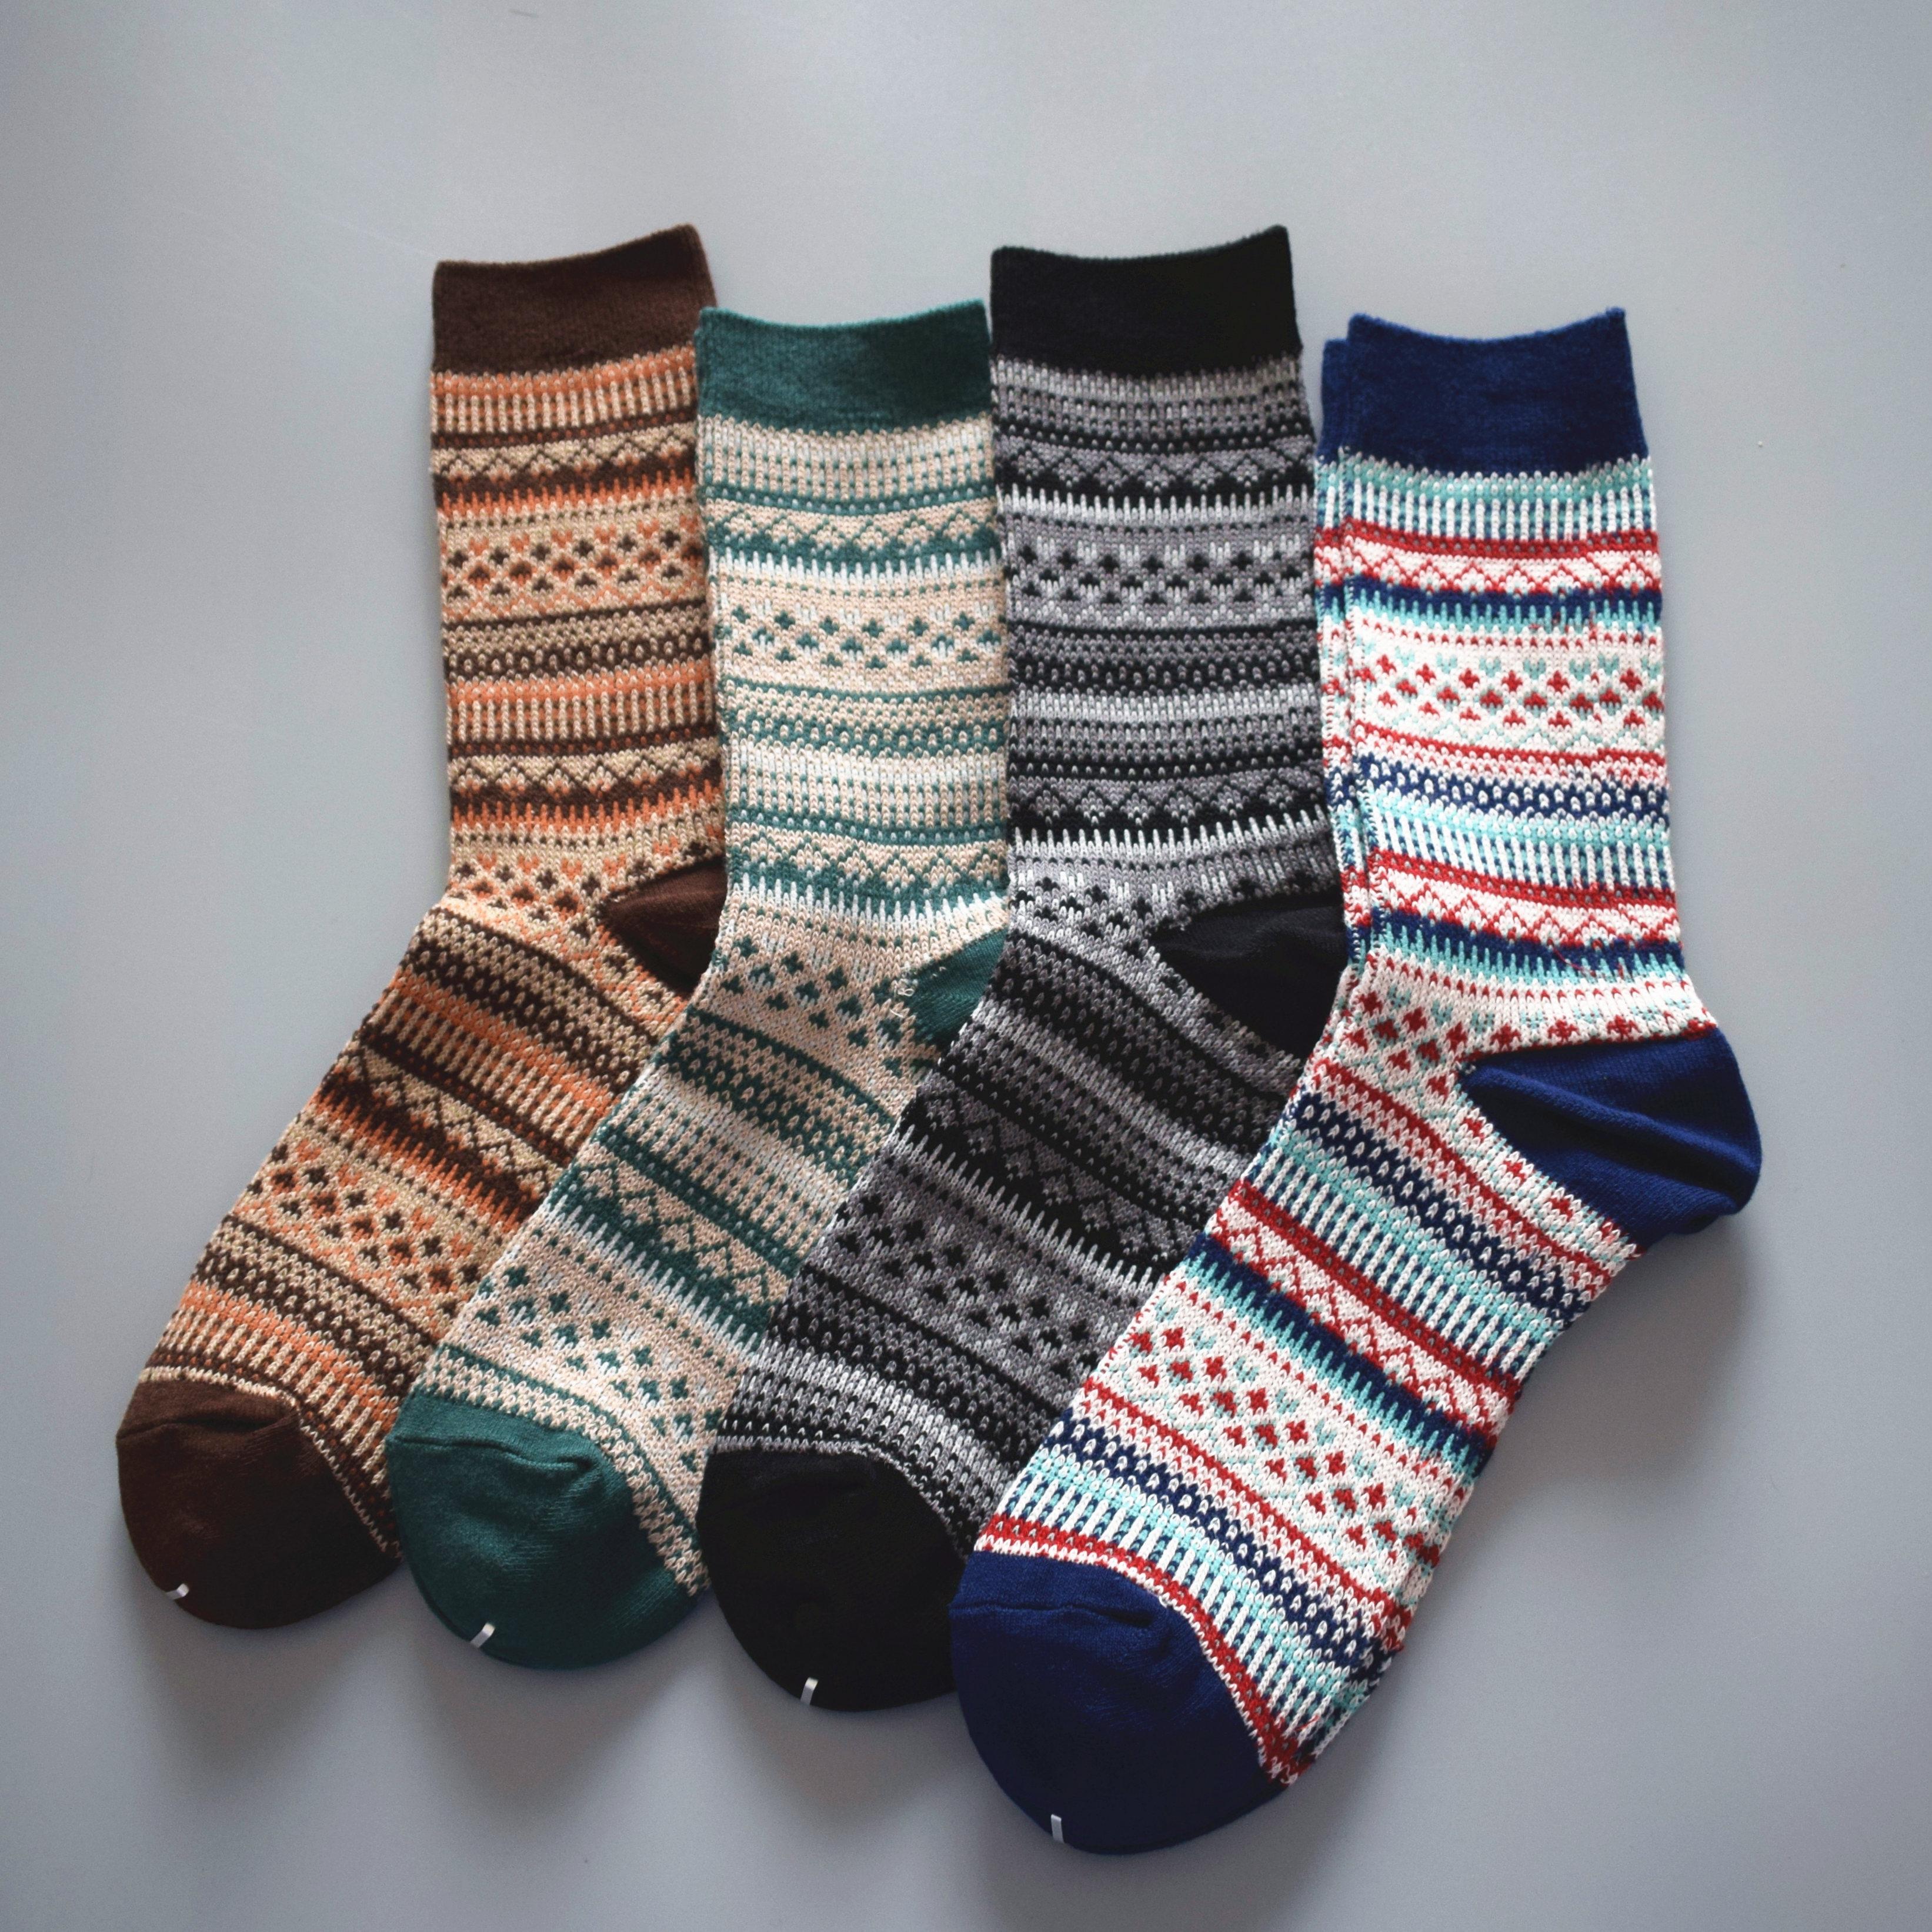 10.80元包邮秋冬新款日系出口袜子男士堆堆袜潮牌无须线复古民族风粗线socks